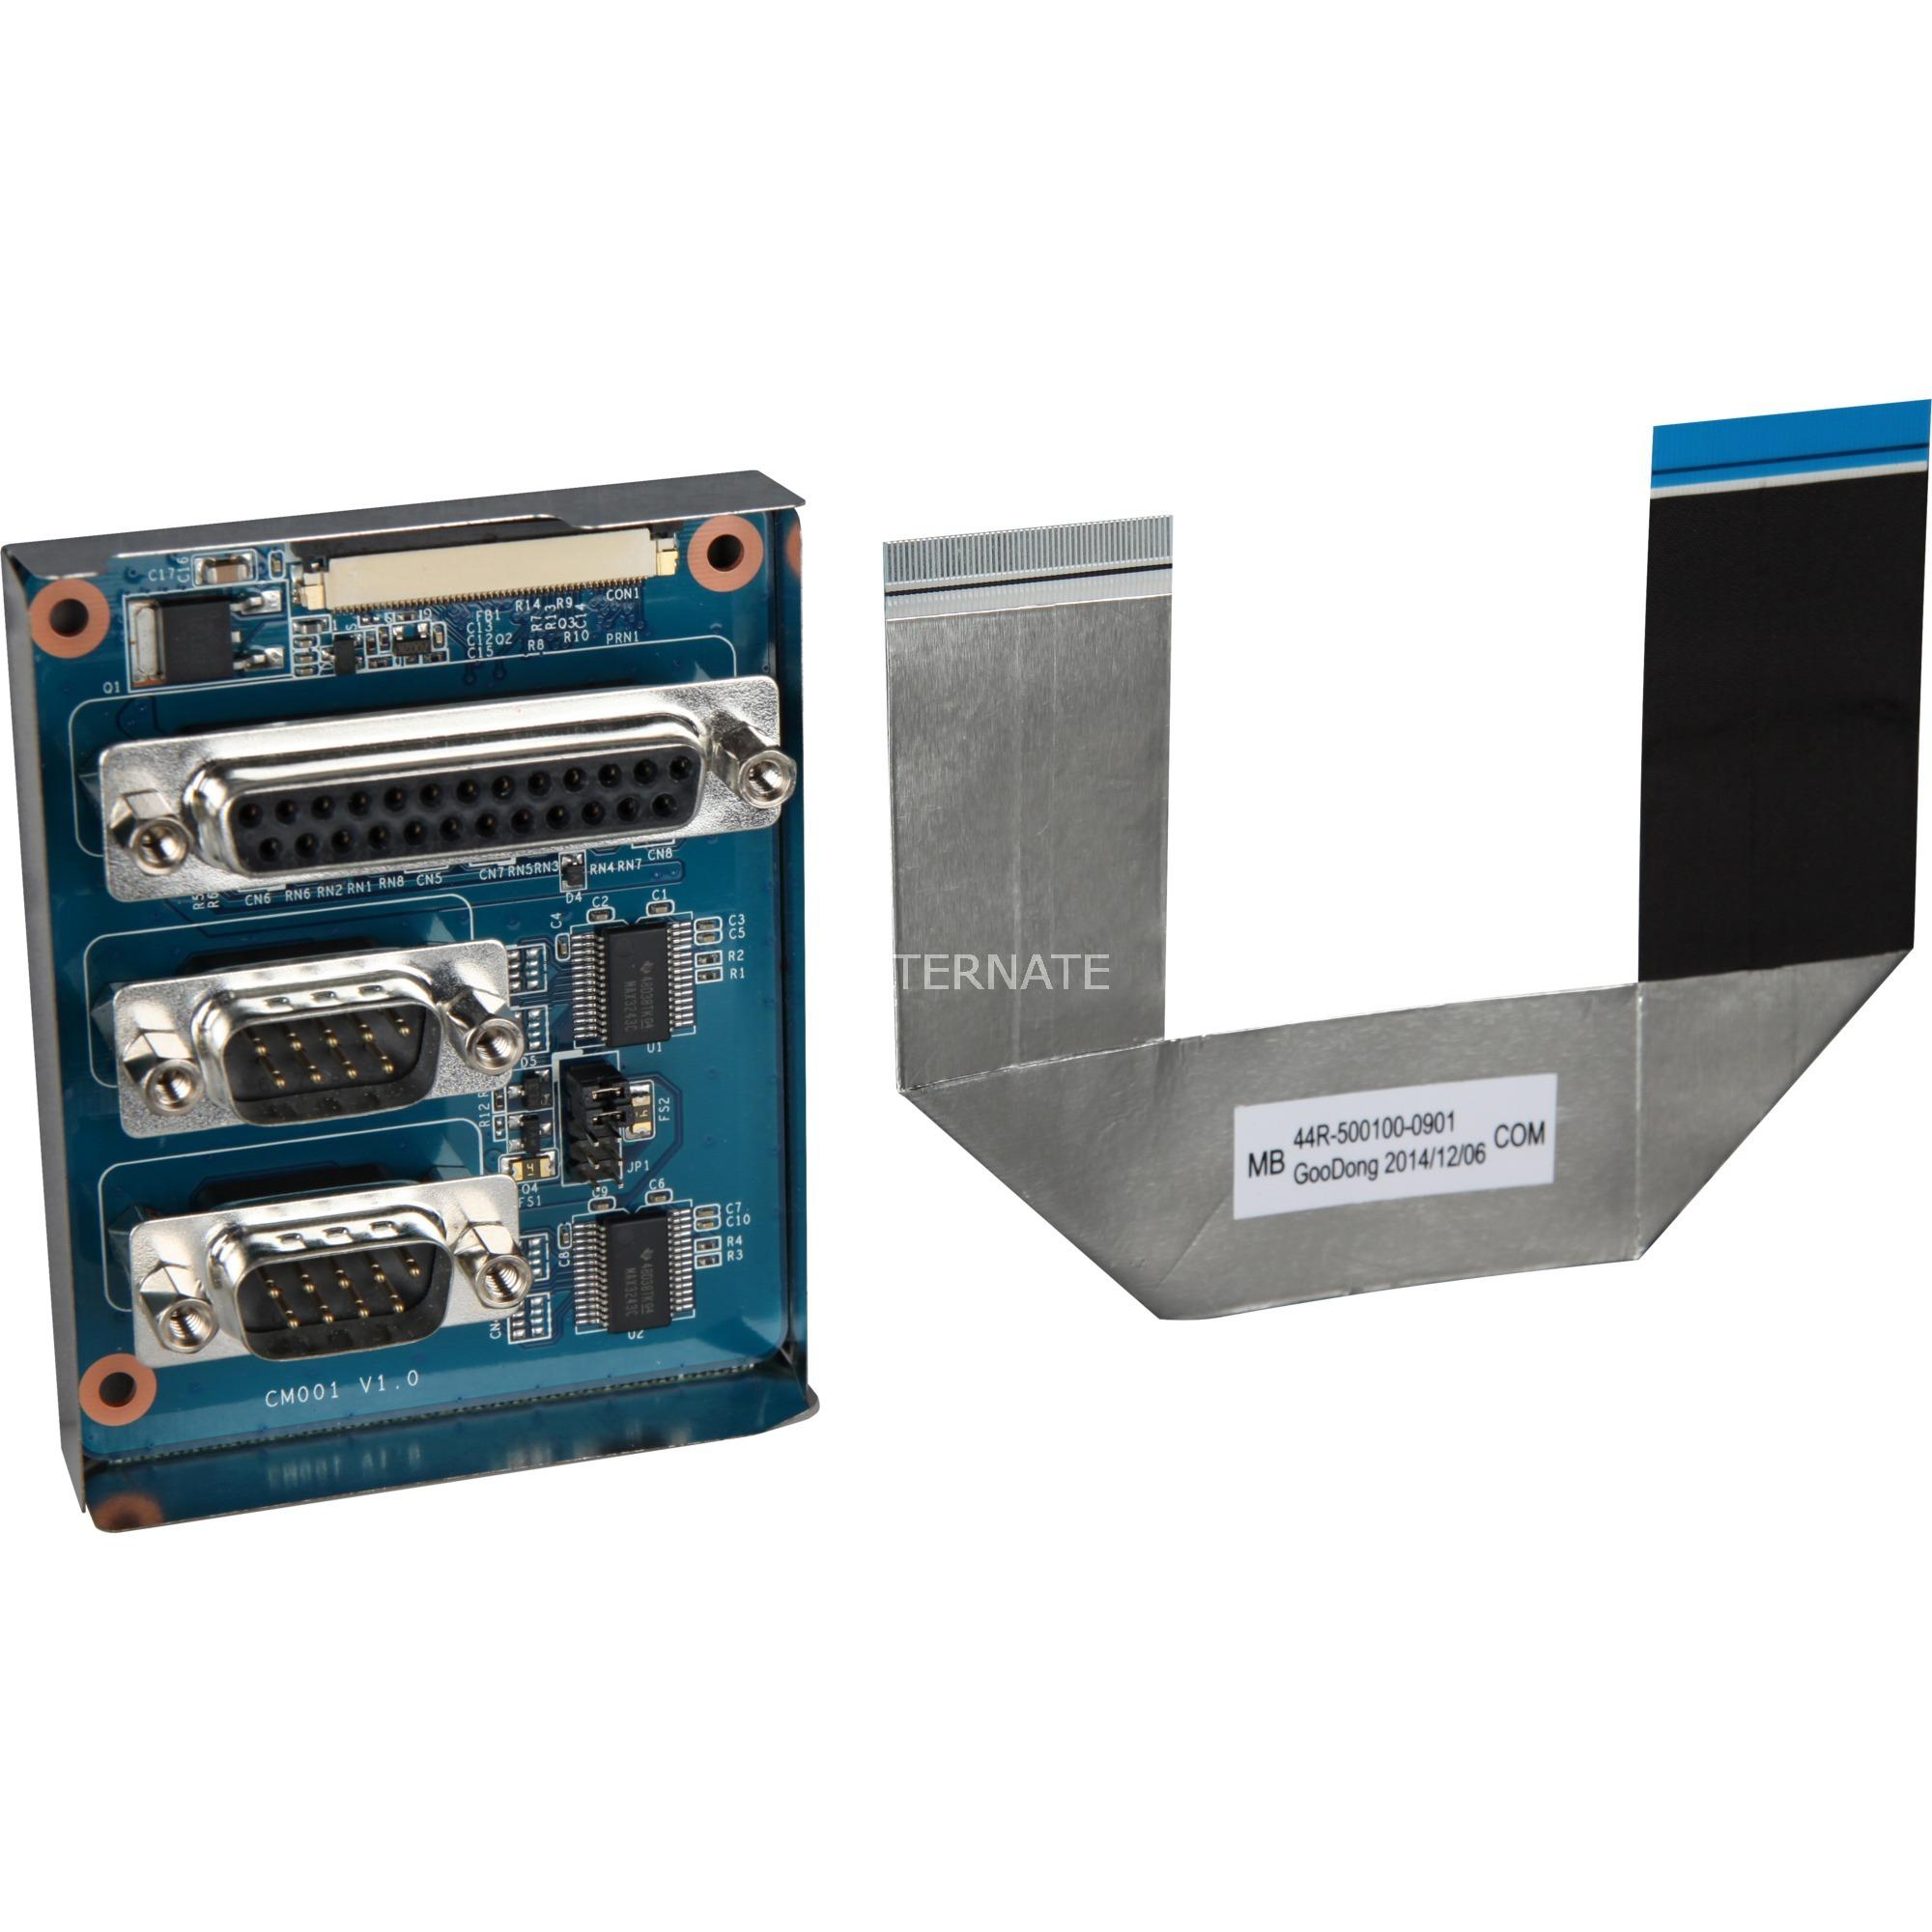 PCL69 tarjeta y adaptador de interfaz Interno Paralelo, De serie, Módulo de extensión